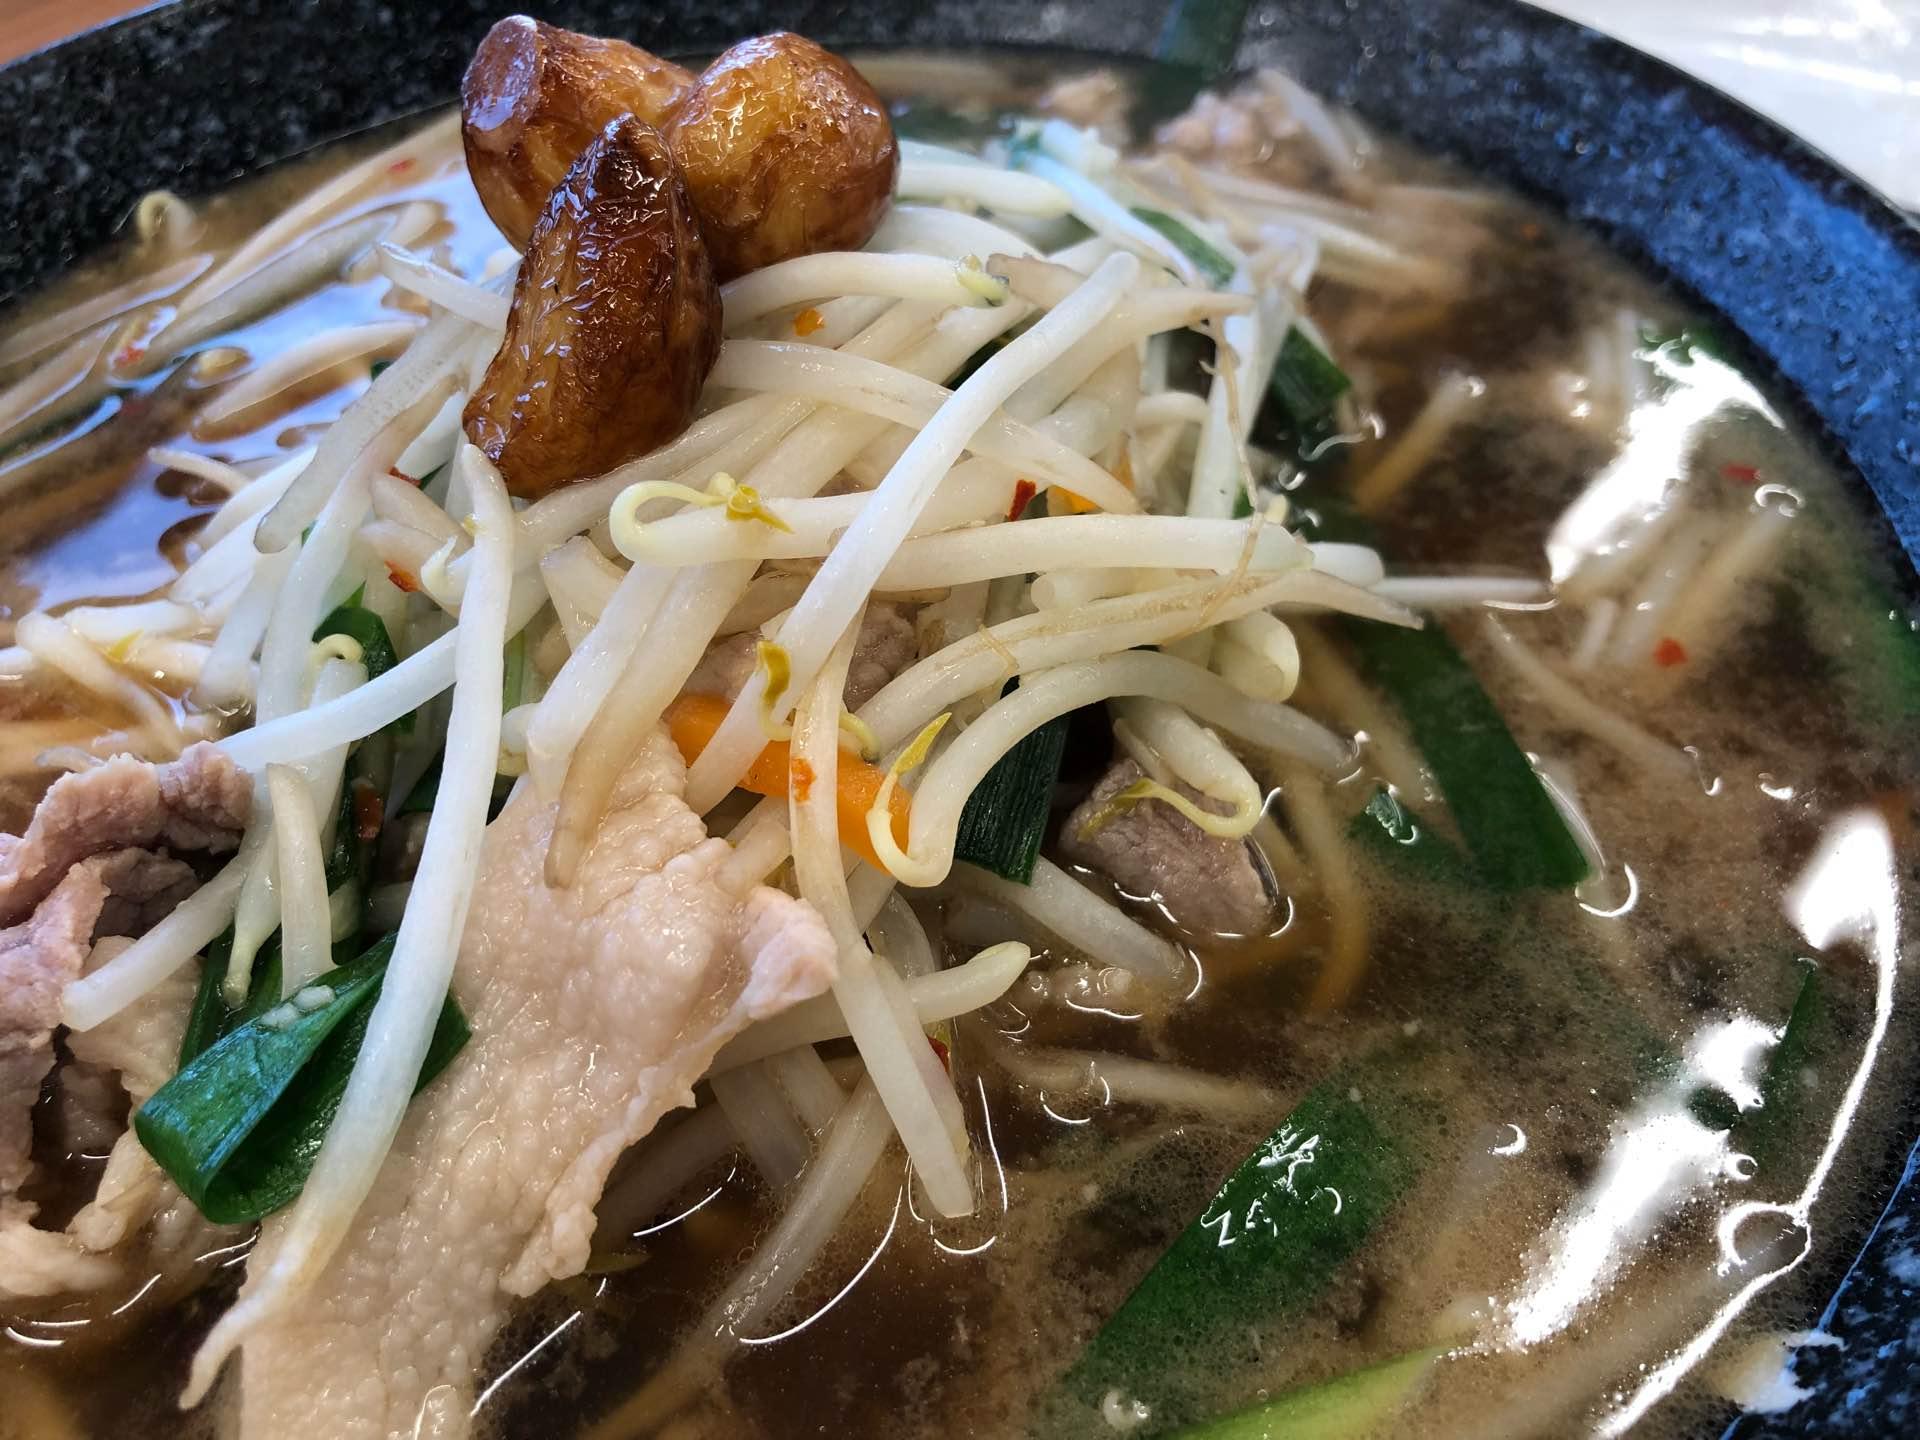 餃子の王将 東海地域限定メニュー 元気にんにくラーメン 醬油味  これは東海地区発祥のベトコンラーメン風。ニンニクは3片入ってた。自分が知ってるベトコンラーメンより少しあっさりしたスープ。ベトコンラーメンはもっと辛かった気がする。まあ美味しい(*'ω'*) https://t.co/QiNt5IPPxf